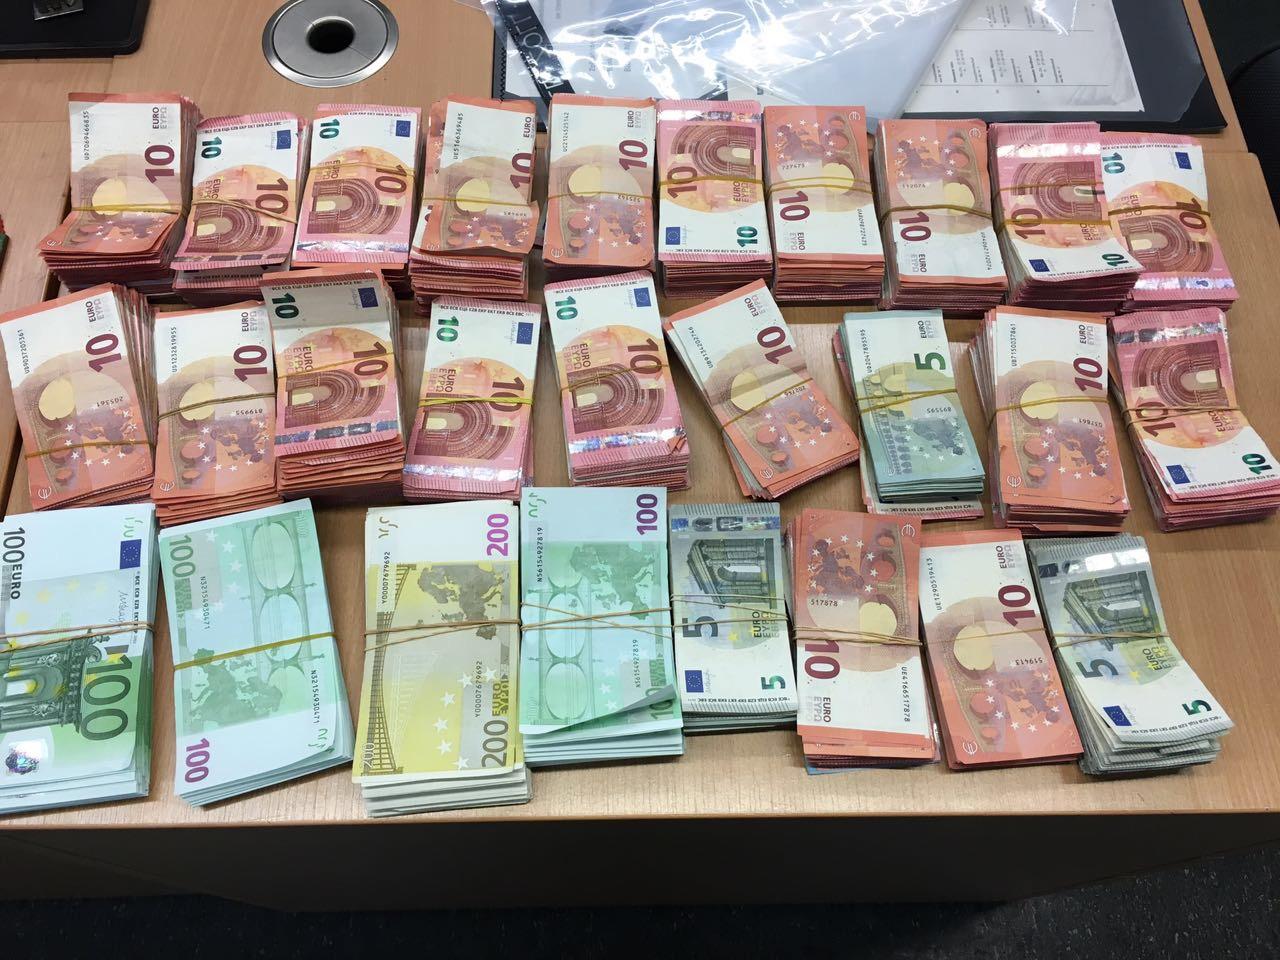 1 Euro € in Australischer Dollar kurs umrechnen. Wechselkurs Euro € Australischer Dollar. Aktueller Historischer kursen. Währungsrechner EUR in AUD. Währungsrechner Euro € zu Australischer Dollar umrechnungkurs. Aktuellster WechselKurse auf suomenpaineautot.info